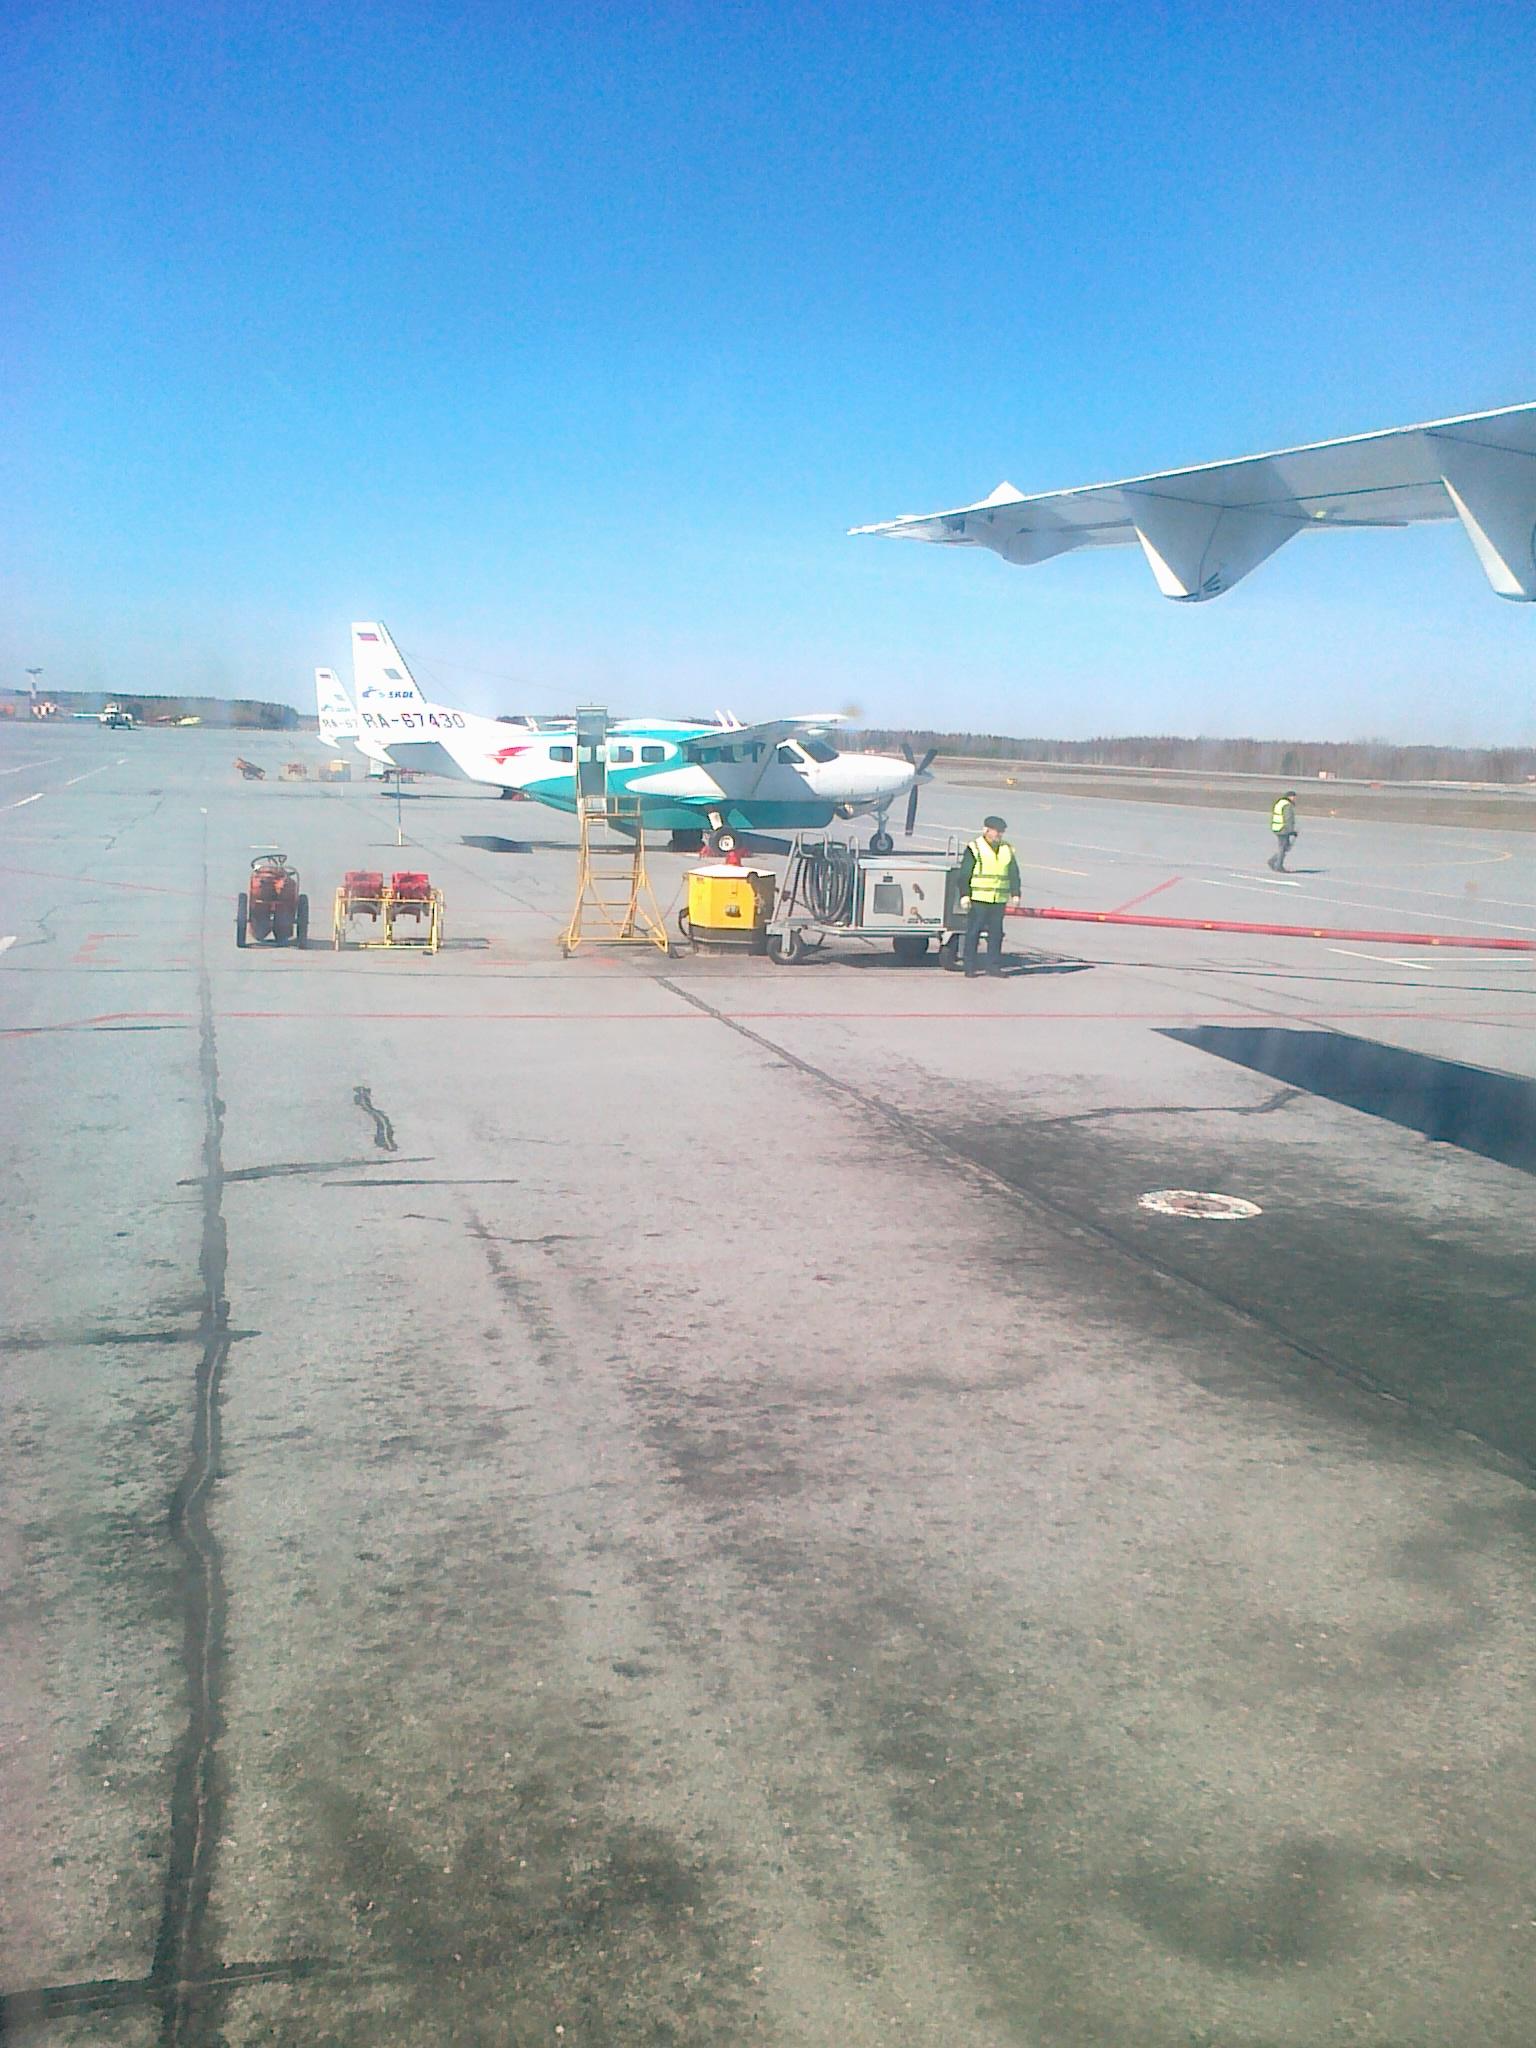 В аэропорту Ханты-Манскийска